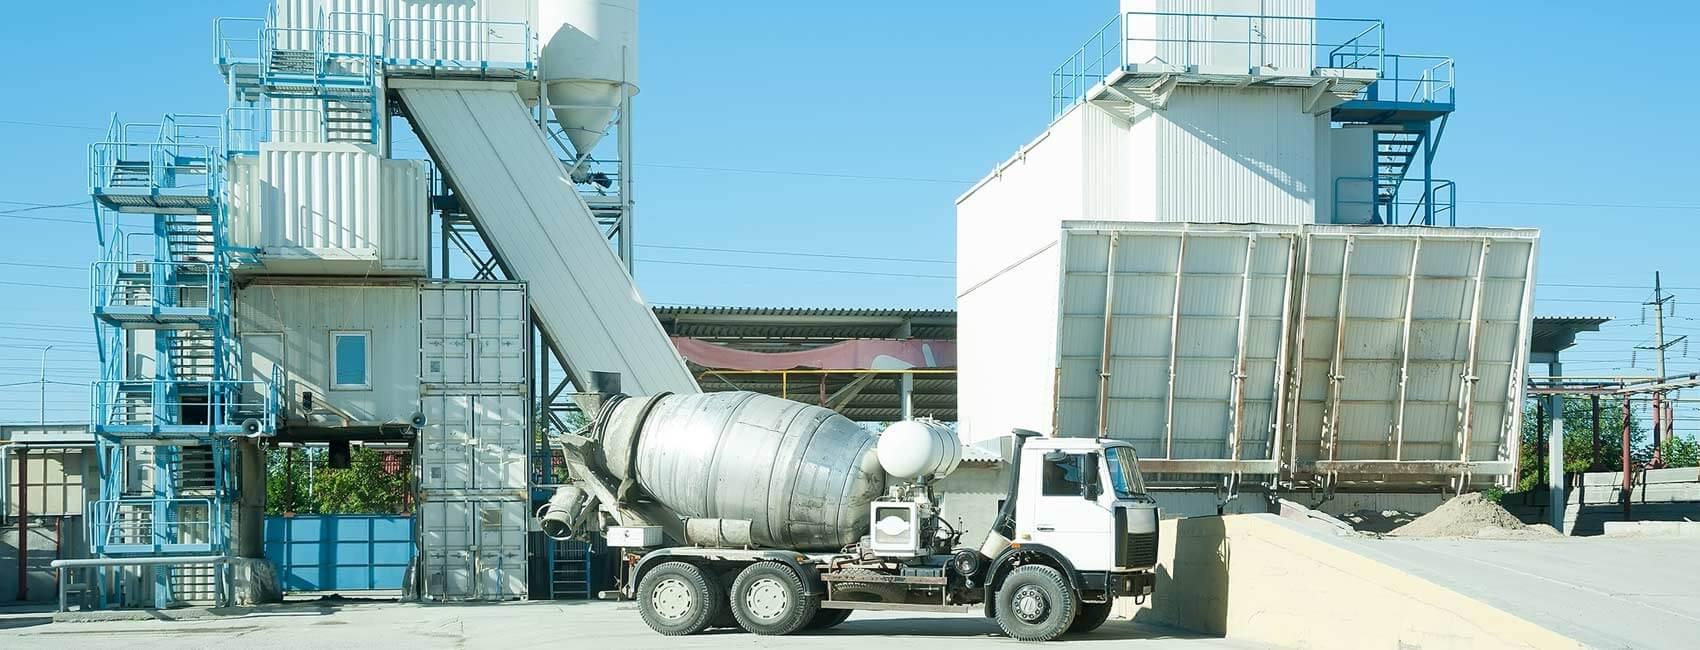 Бетон завод оборудование бетон гидрофобная